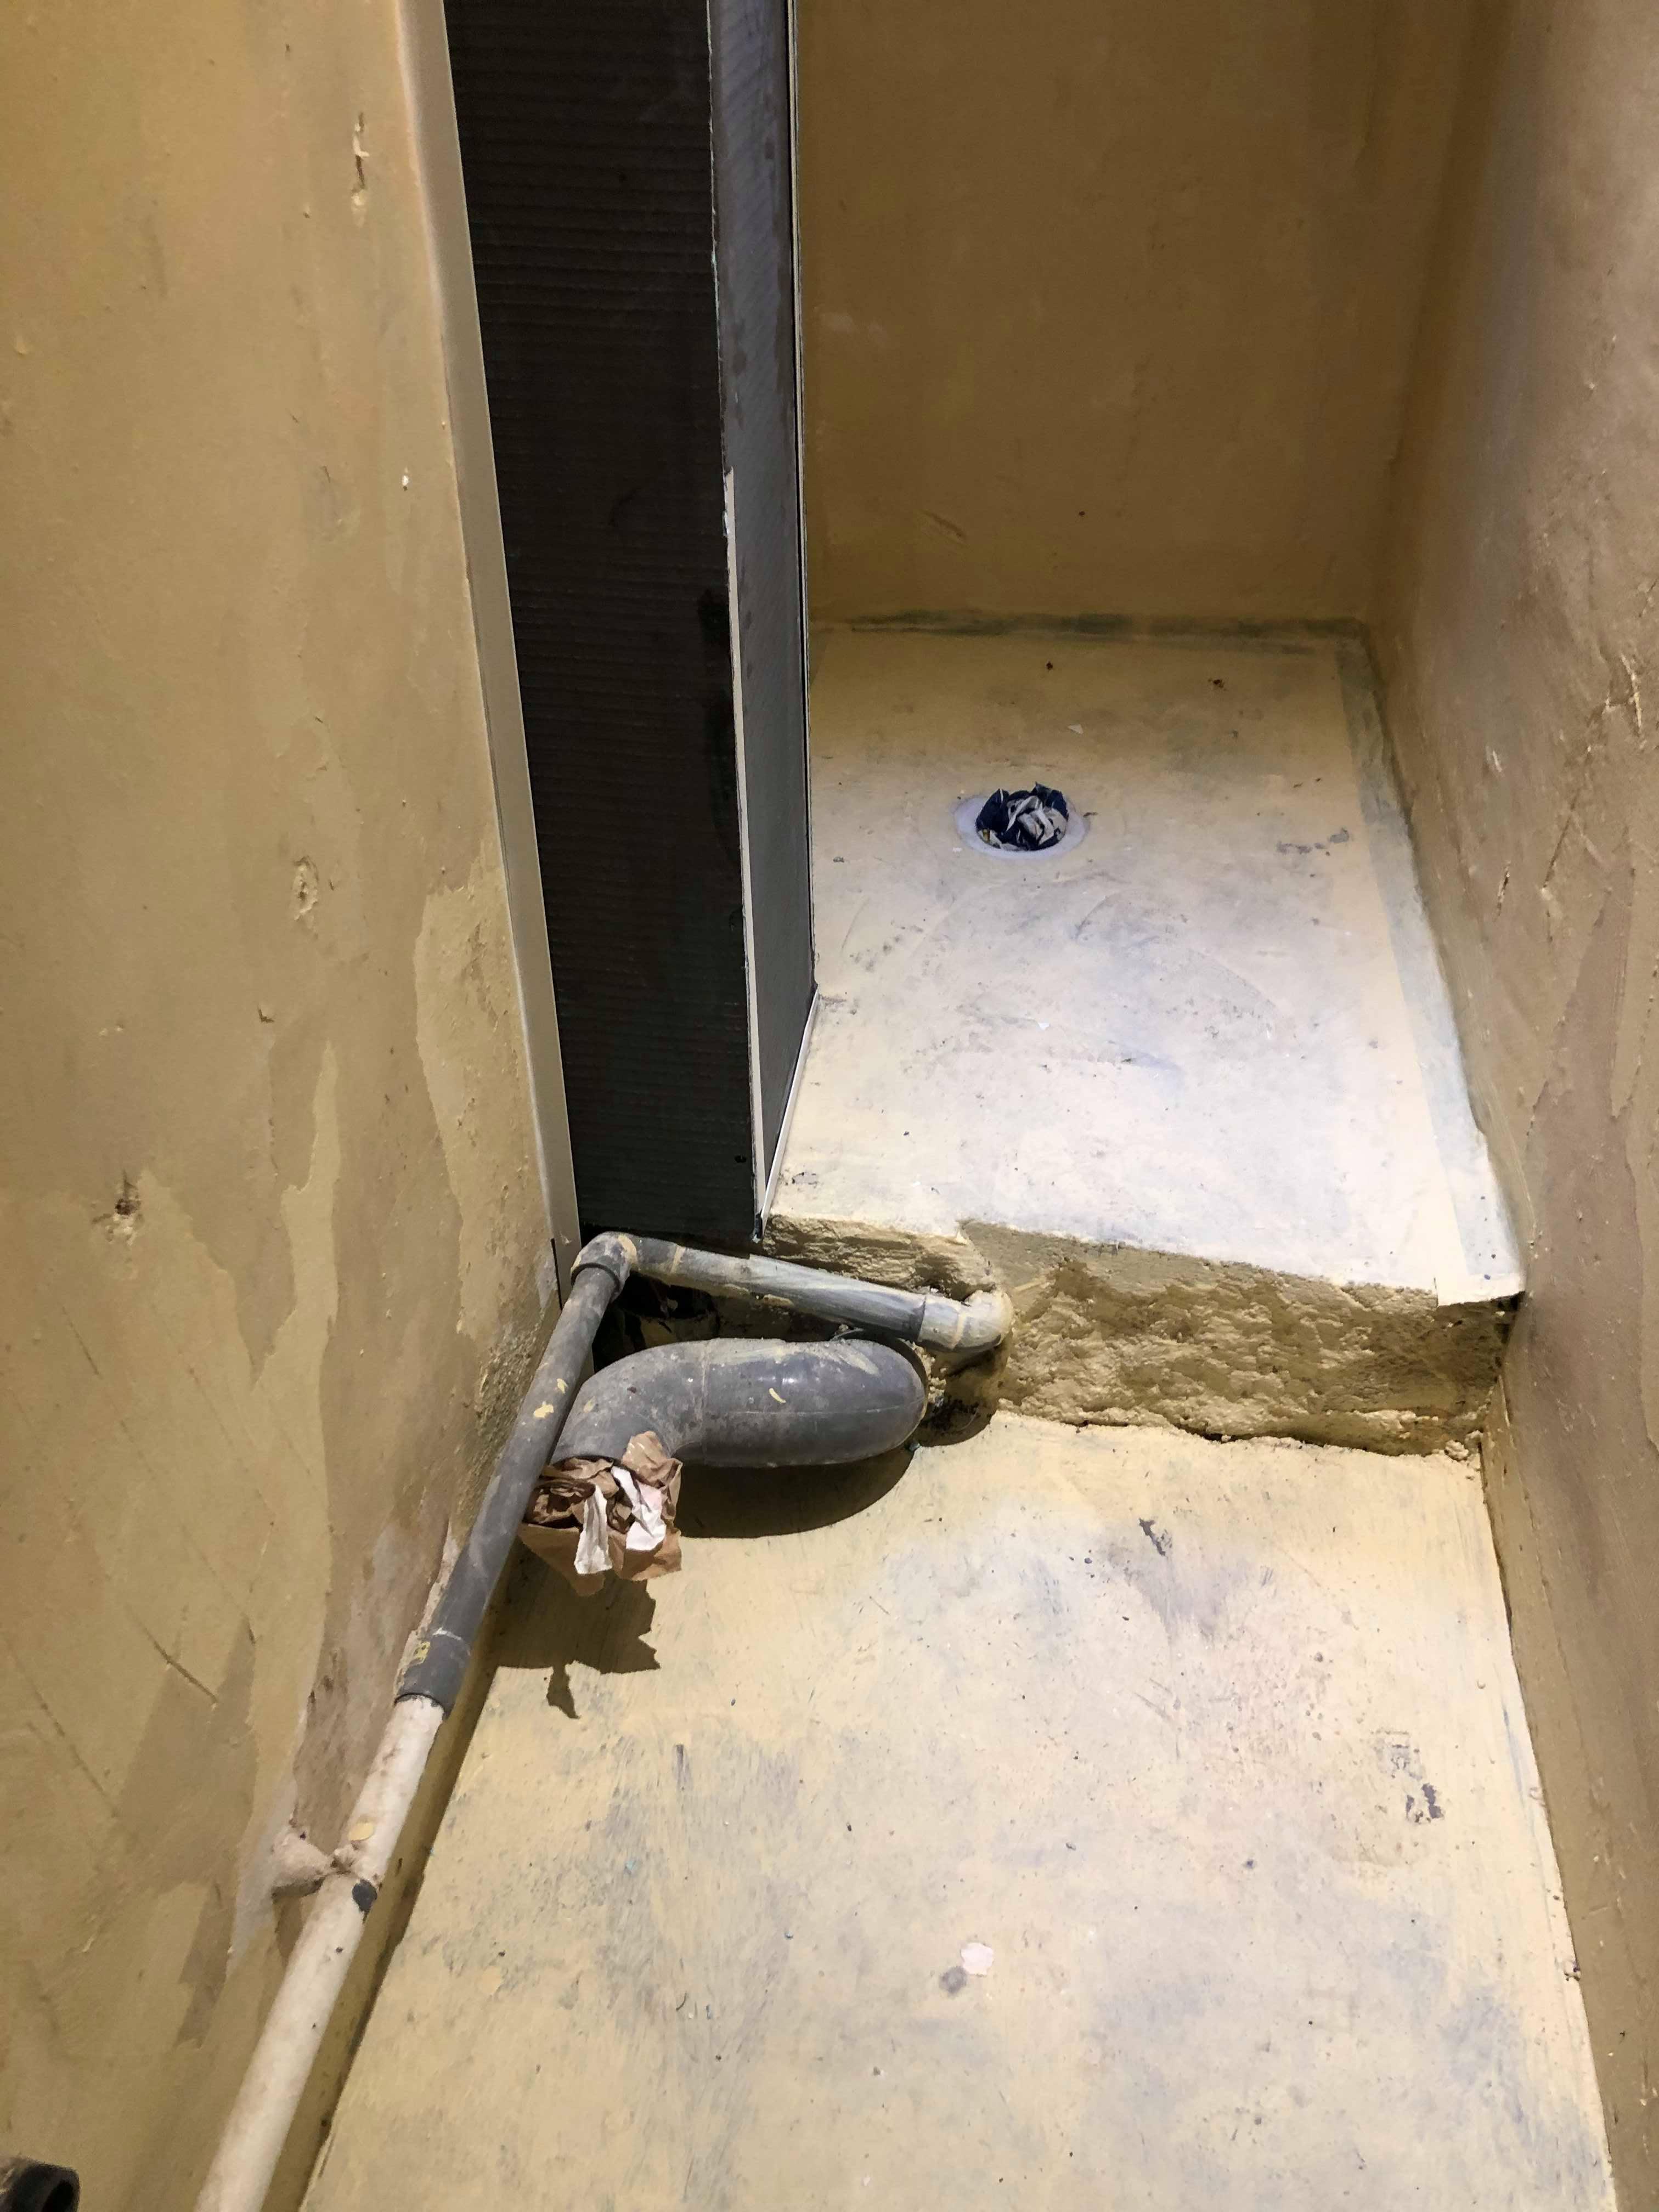 entreprise-generale-texas-batiment-mohamed-soliman-rge-travaux-renovation-salle-de-bain-carrelage-plomberie-douche-a-l-italienne-espace-moderne-sobre-9